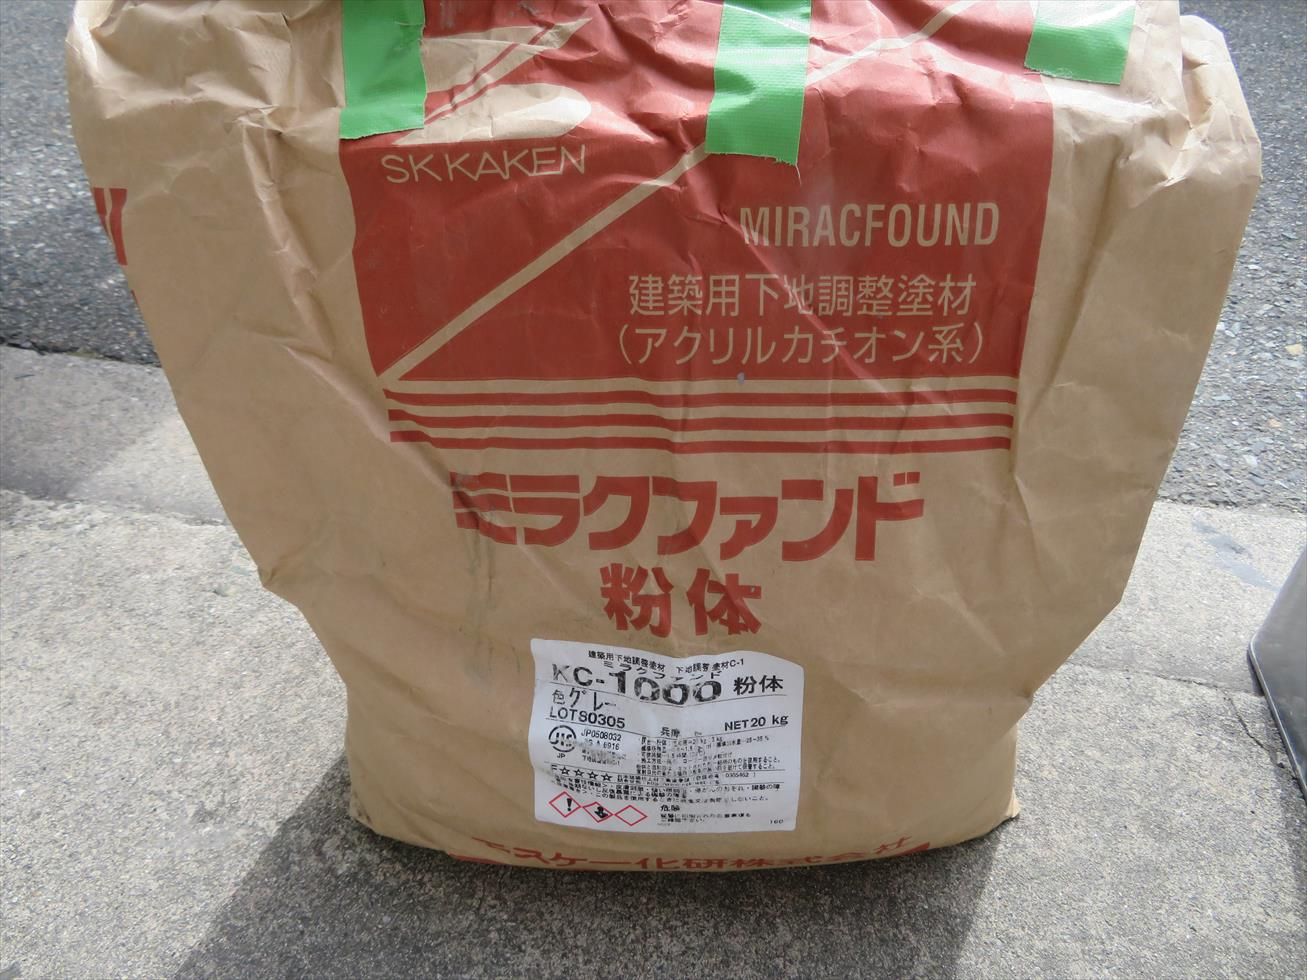 宝塚市でコンクリートの廊下や階段床を防塵塗装する前に、クラックやひび割れにカチオン系モルタルを擦り込み処置をしておく